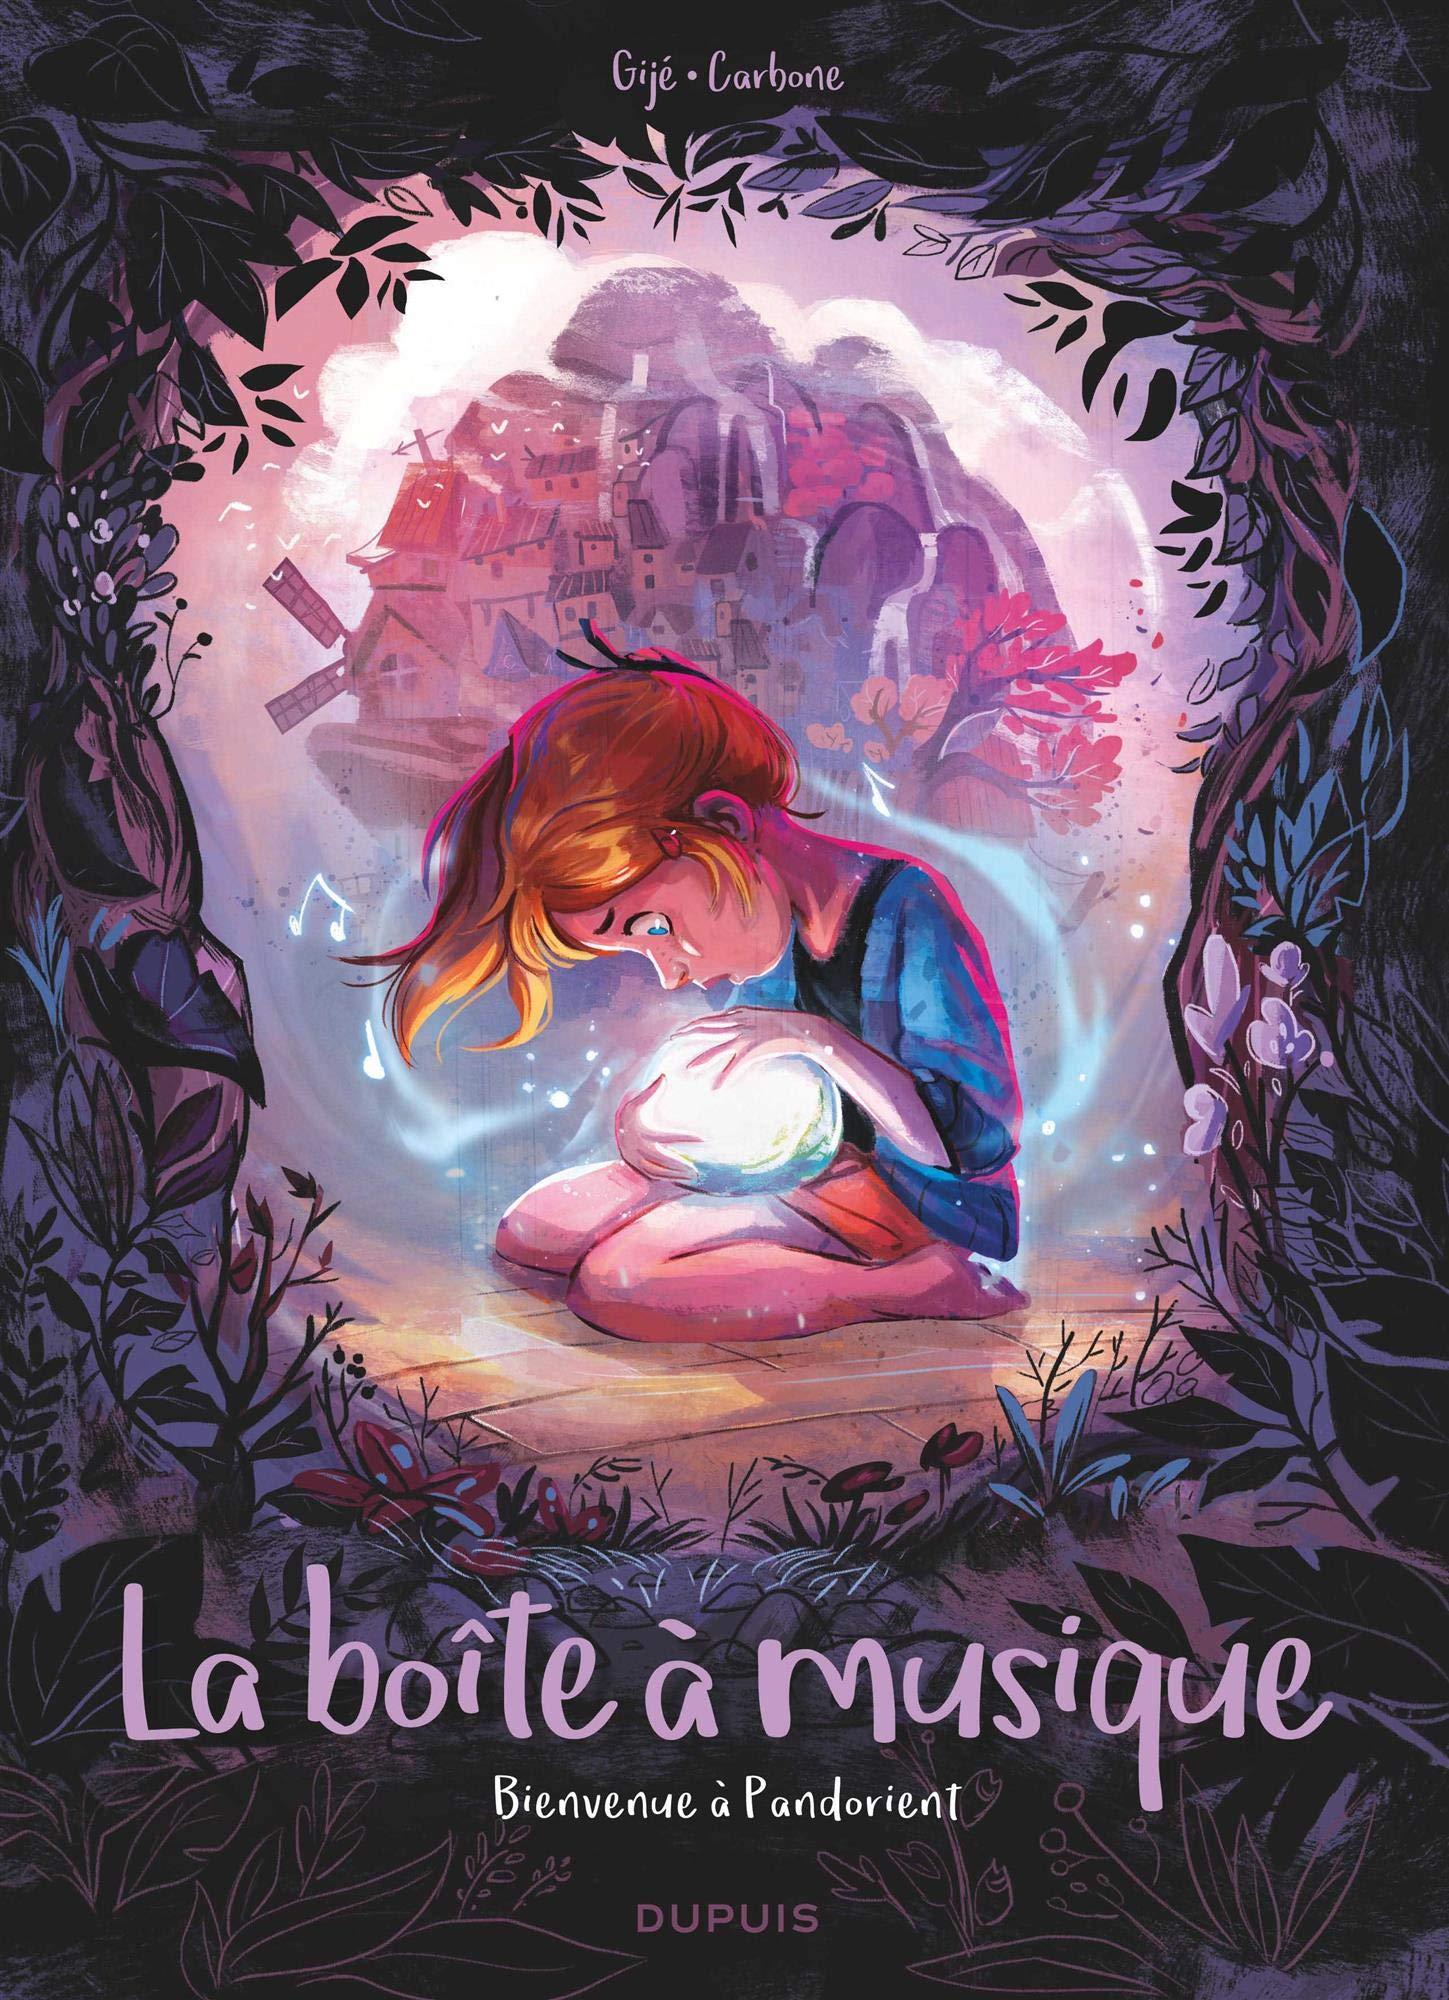 La Boîte à Musique - tome 1 Album – 26 janvier 2018 Carbone Carbone Gijé Gijé Dupuis 280017319X